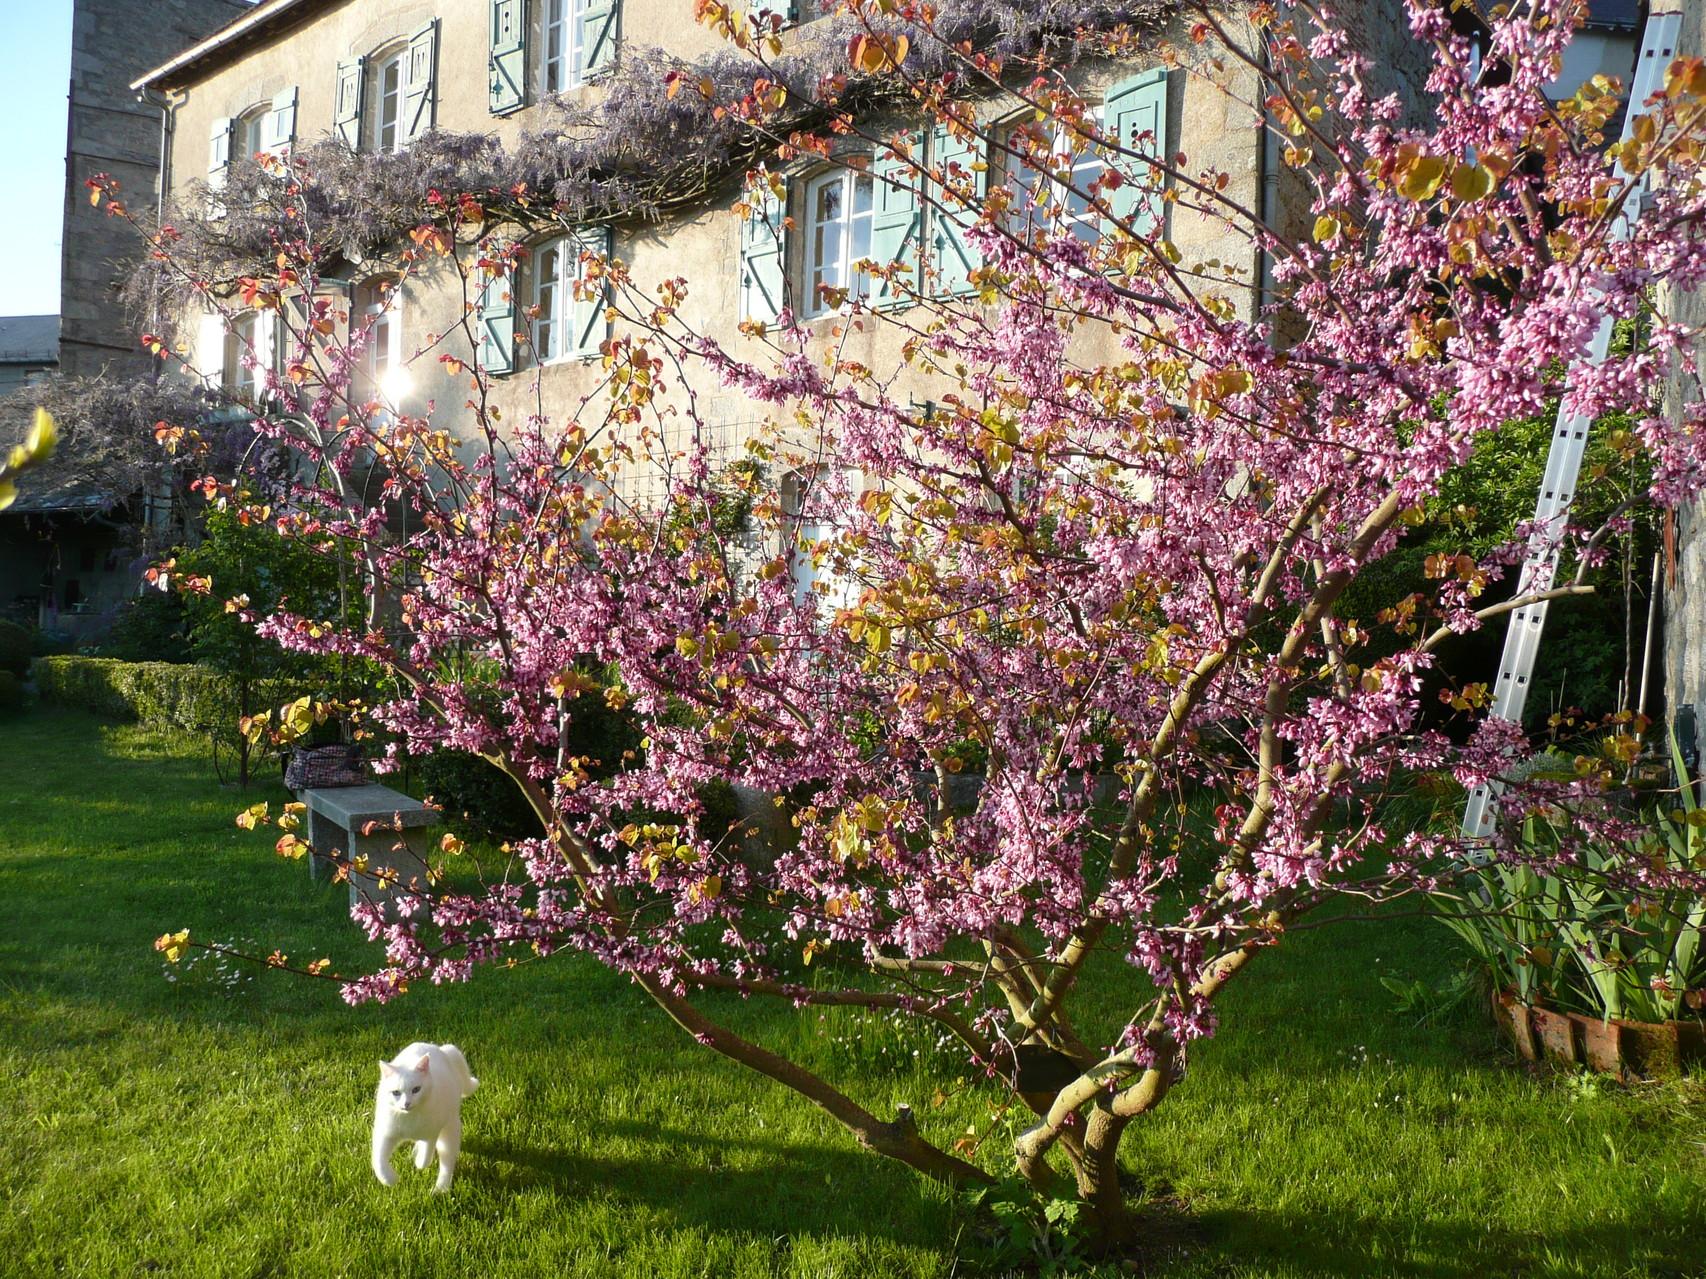 Witty sous l'arbre de Judée en mai